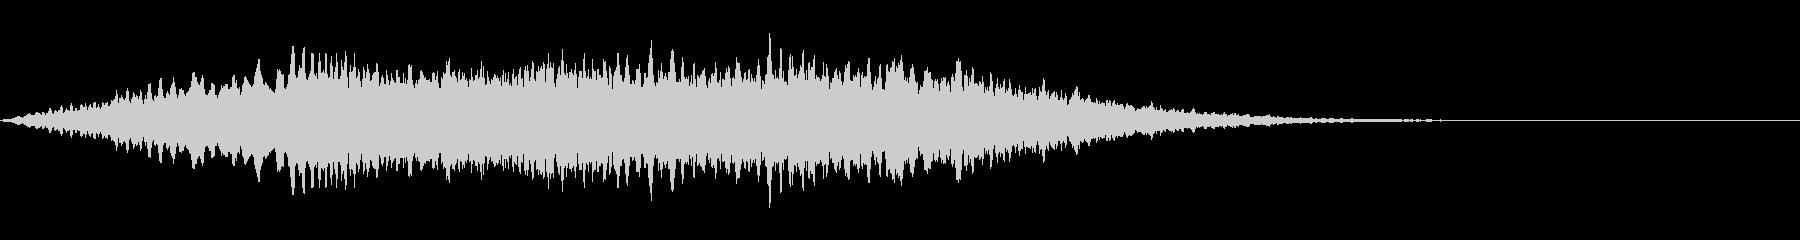 気が付いたときの音の未再生の波形